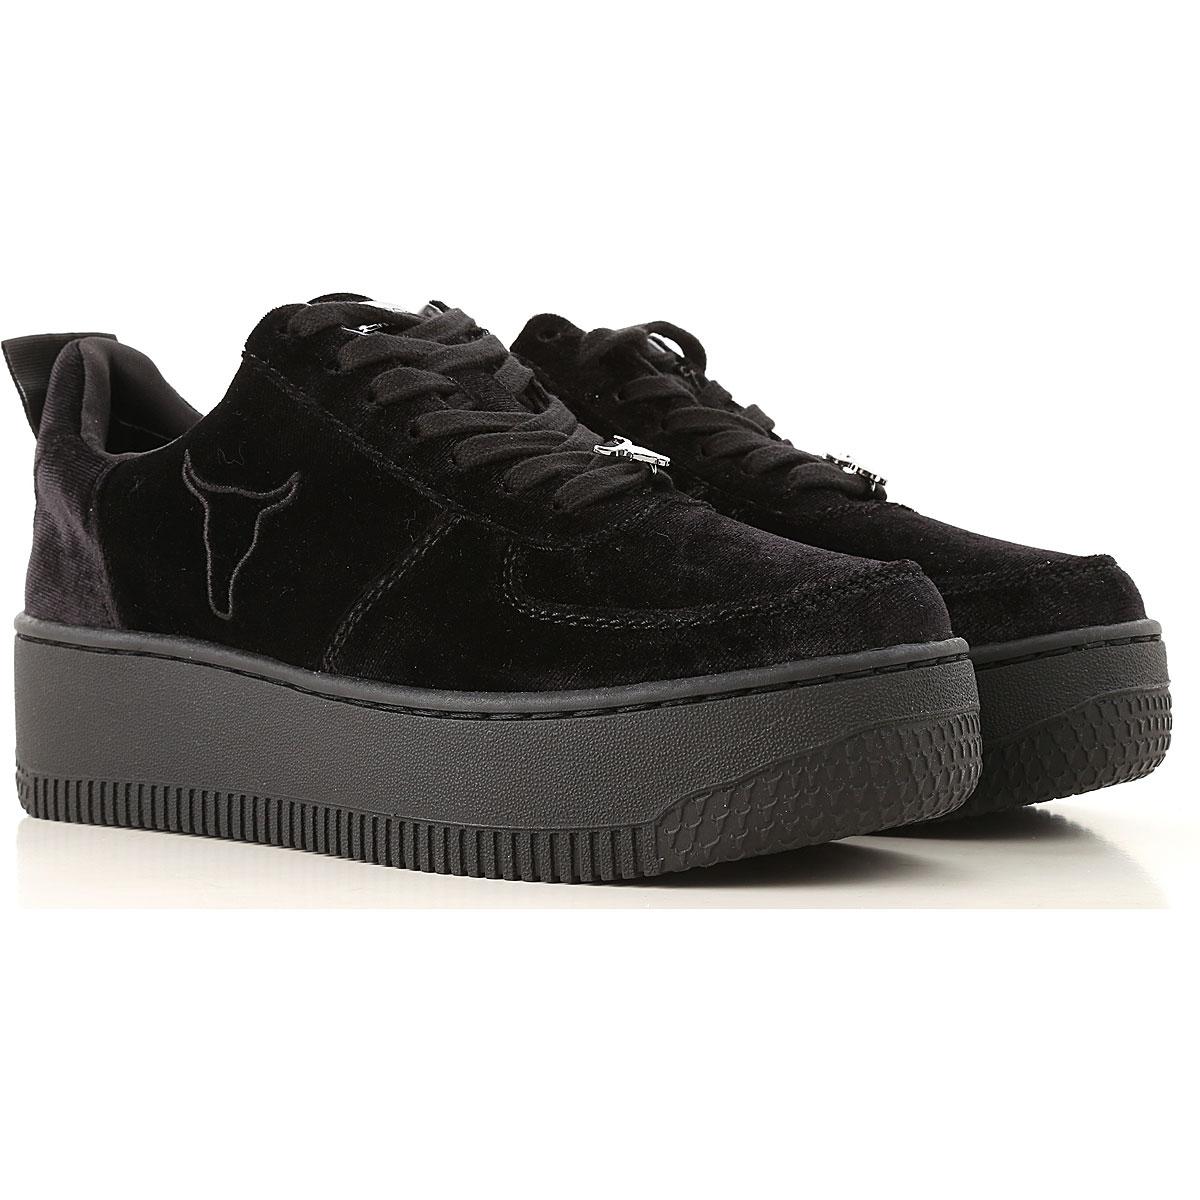 Image of Windsor Smith Sneakers for Women, Black, Velvet, 2017, US 5 (EU 36) US 7 (EU 38) US 8 (EU 39) US 9 (EU 40)